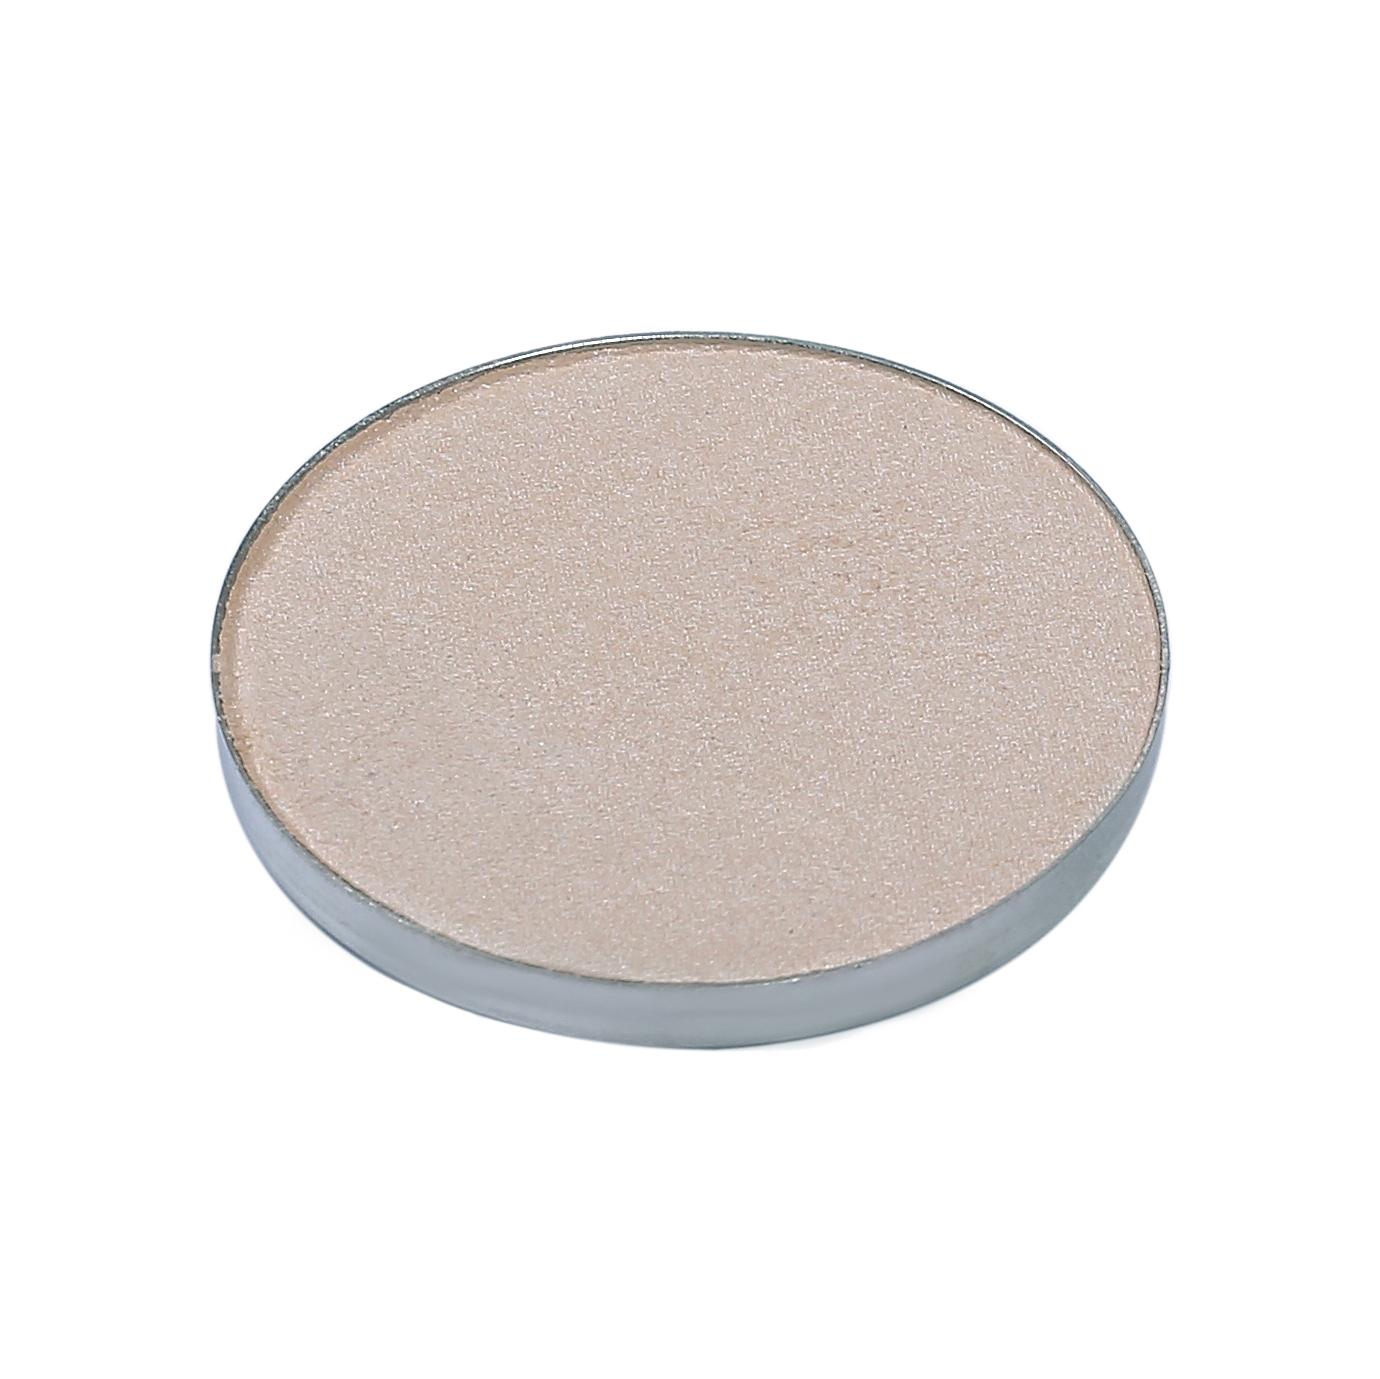 AVANT scene Тени микропигментированные, Luxuory Nude, оттенок R115